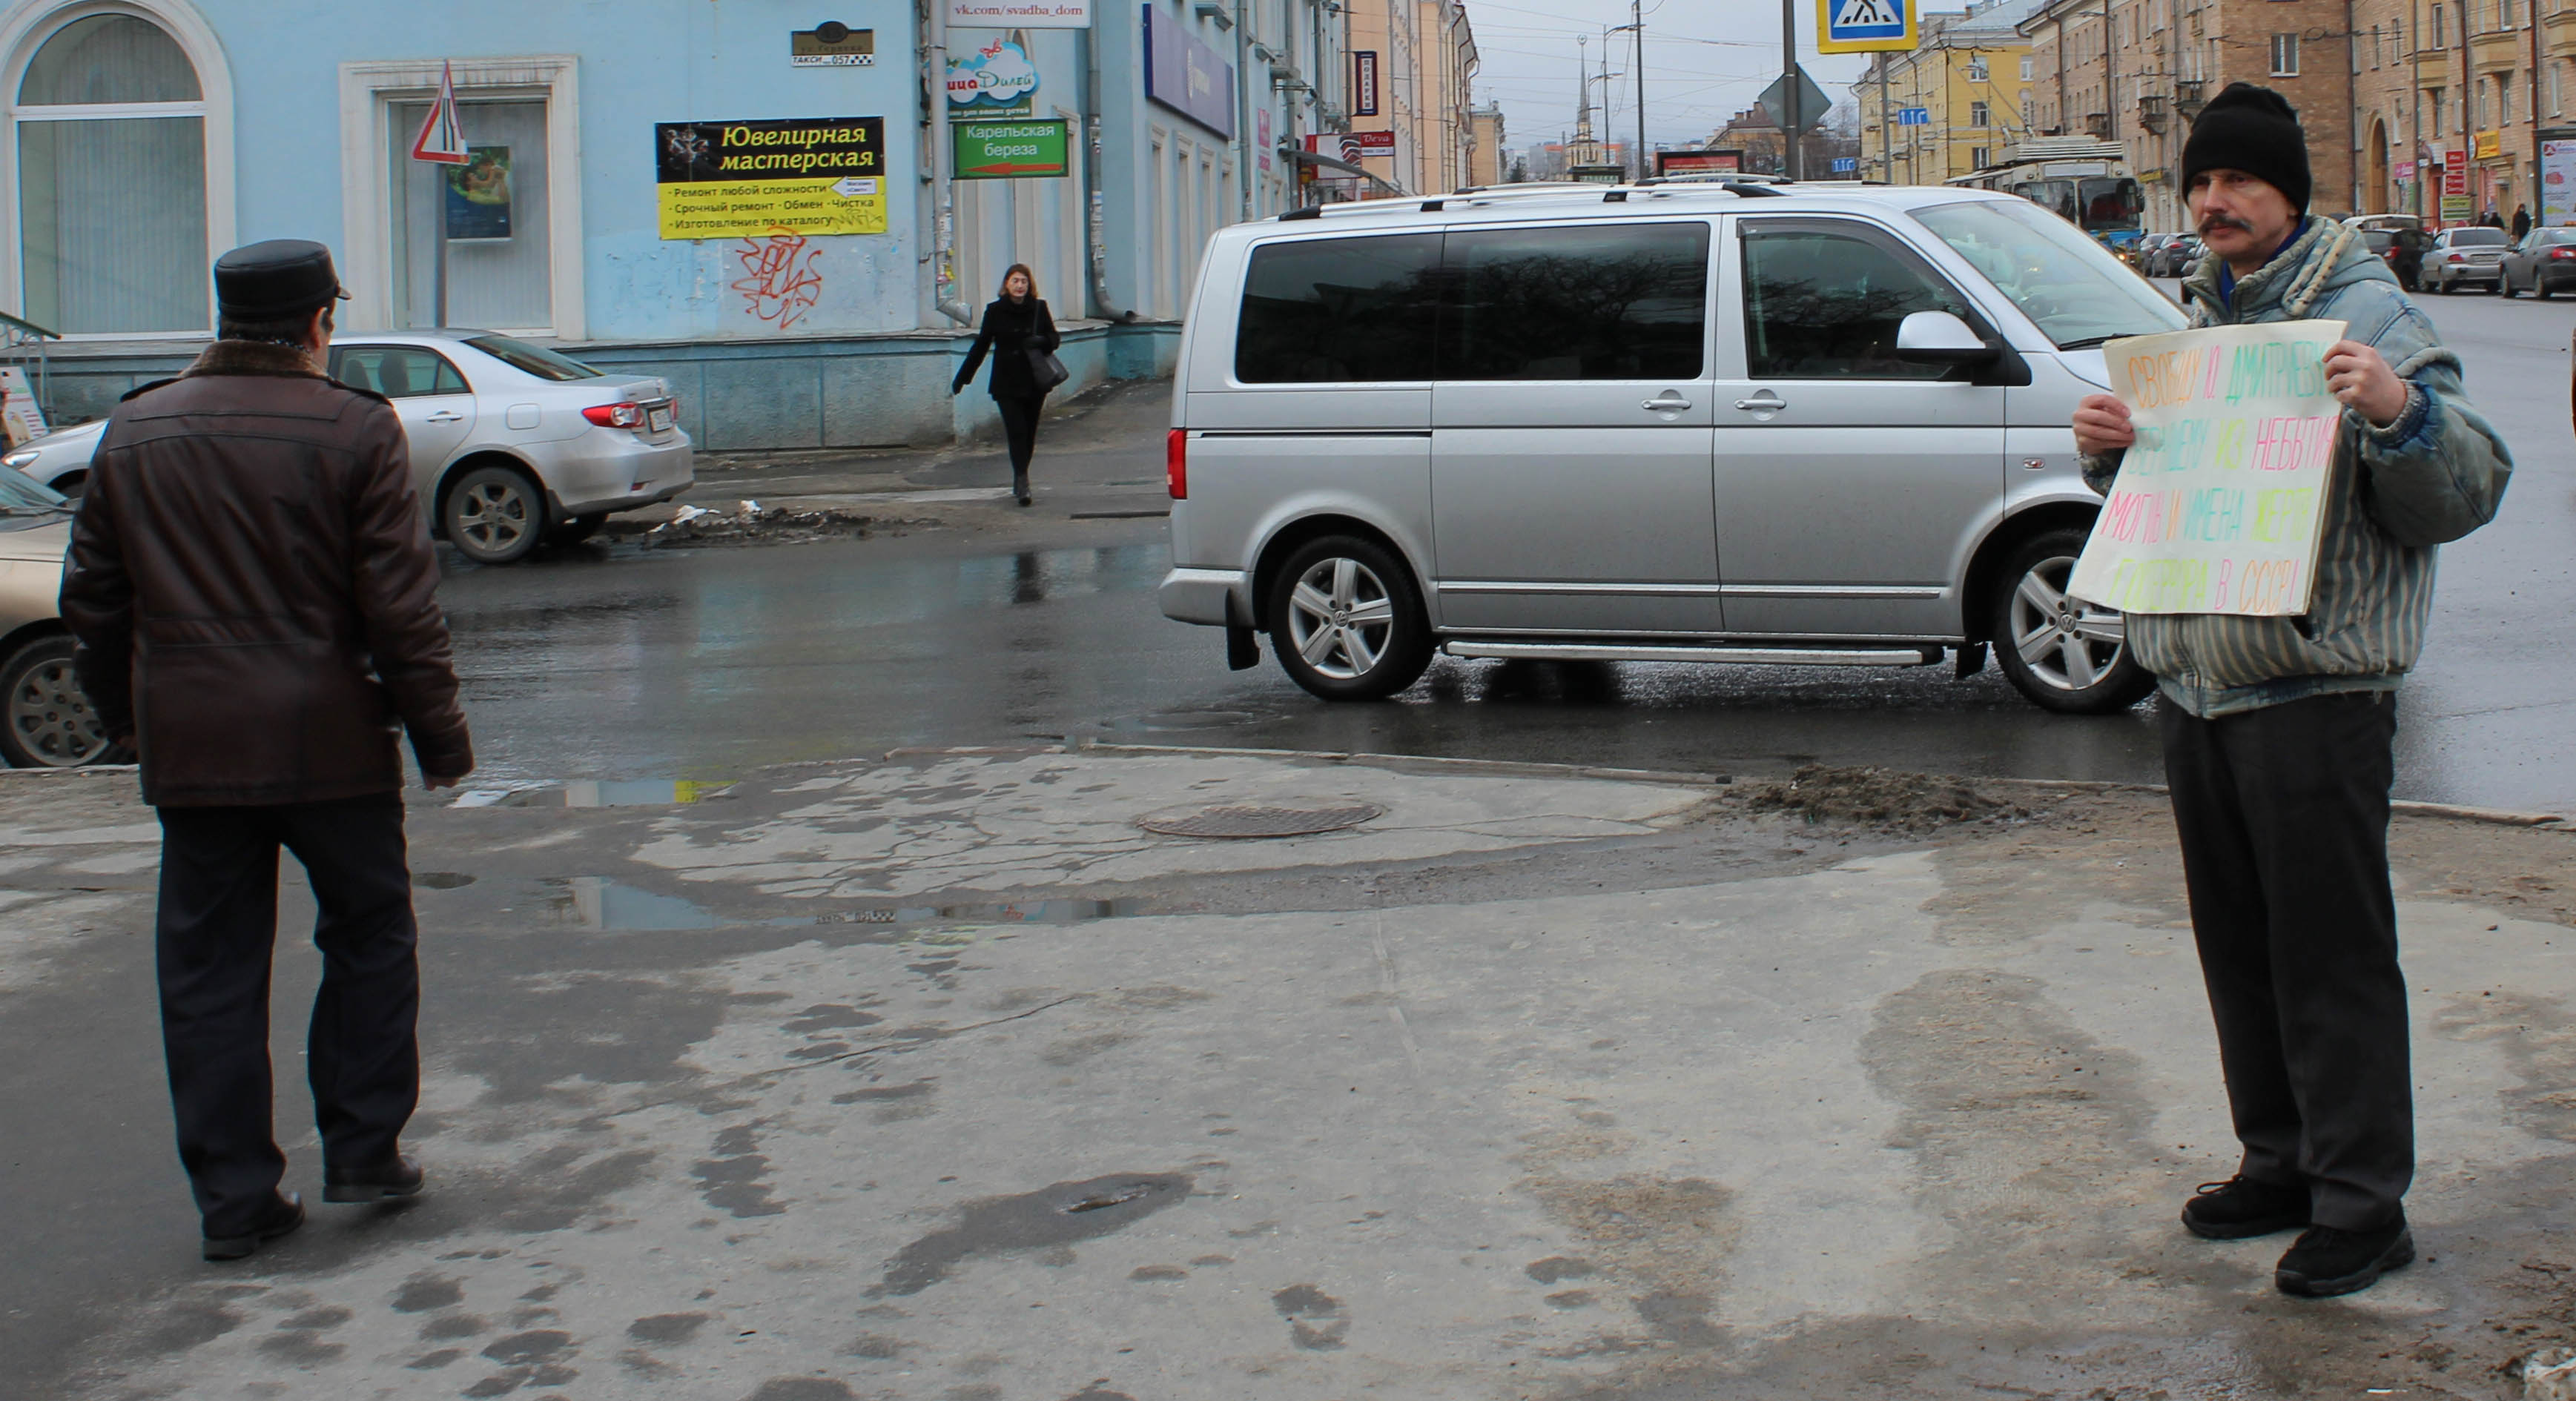 Бывший федеральный инспектор прошел мимо. Фото: Валерий Поташов